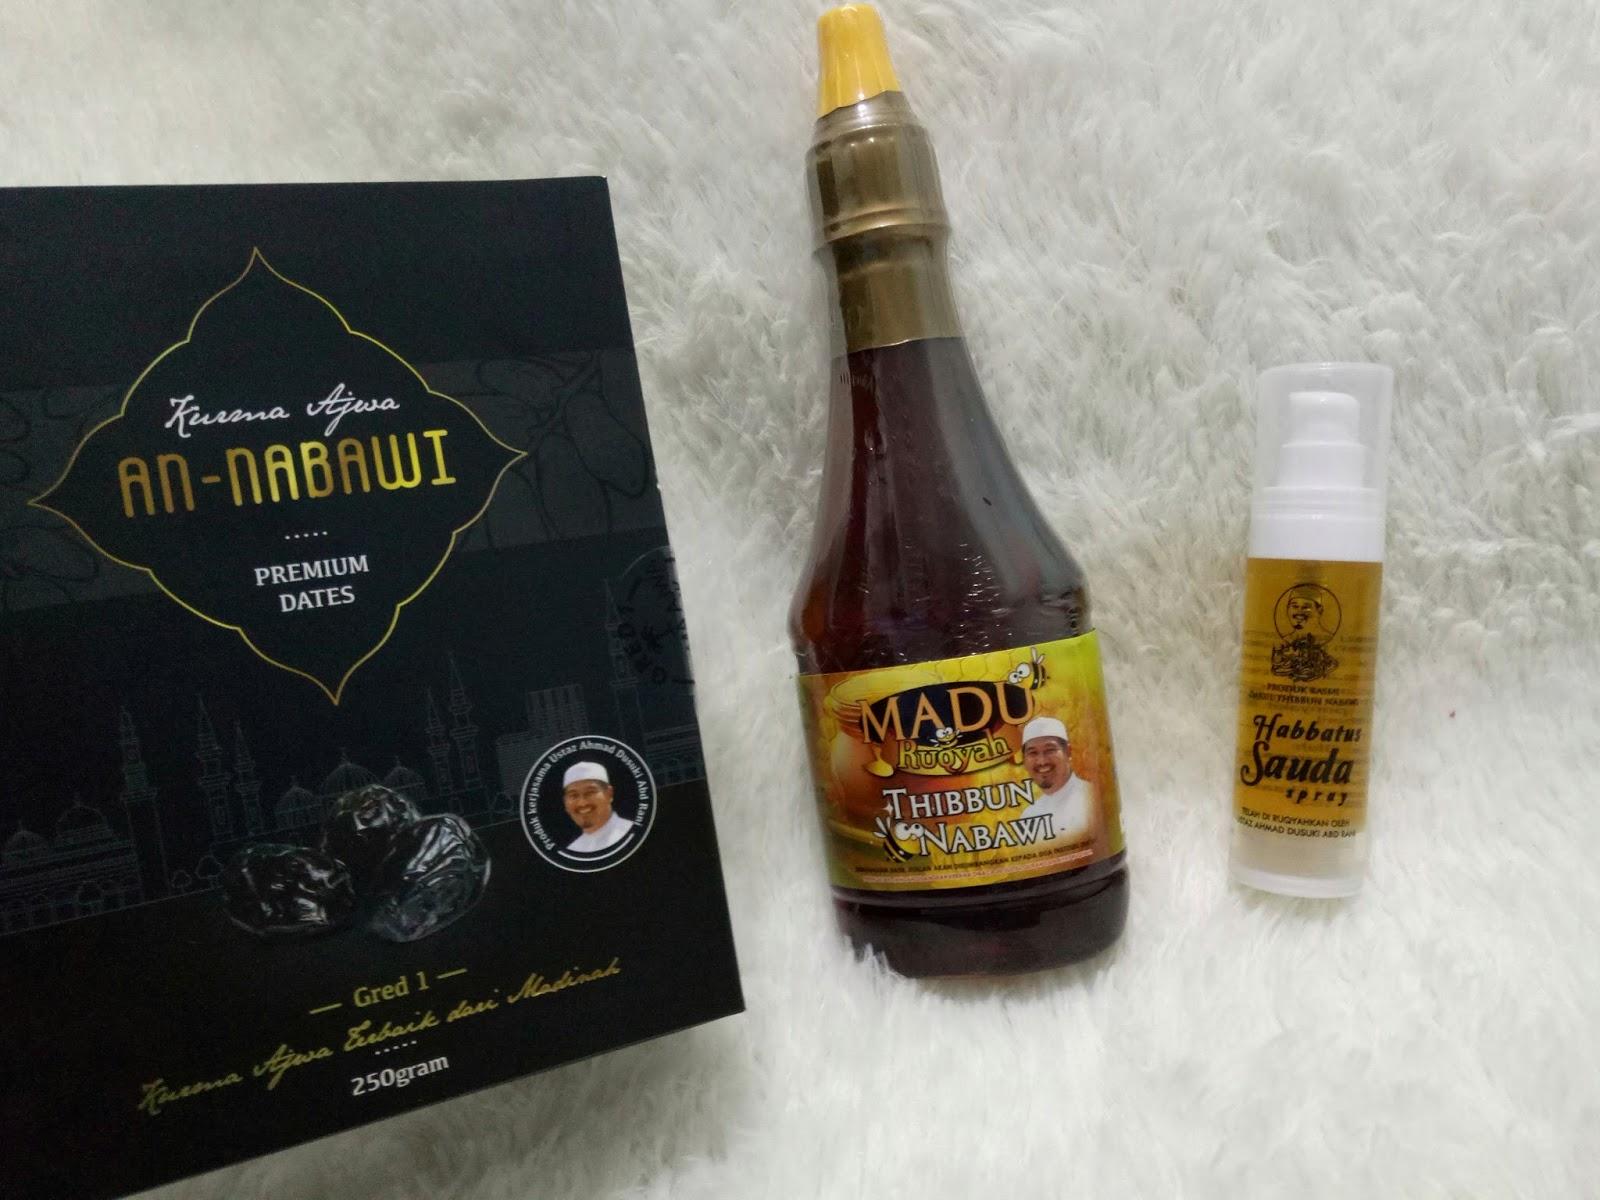 Madu Ruqyah Thibbun Nabawi